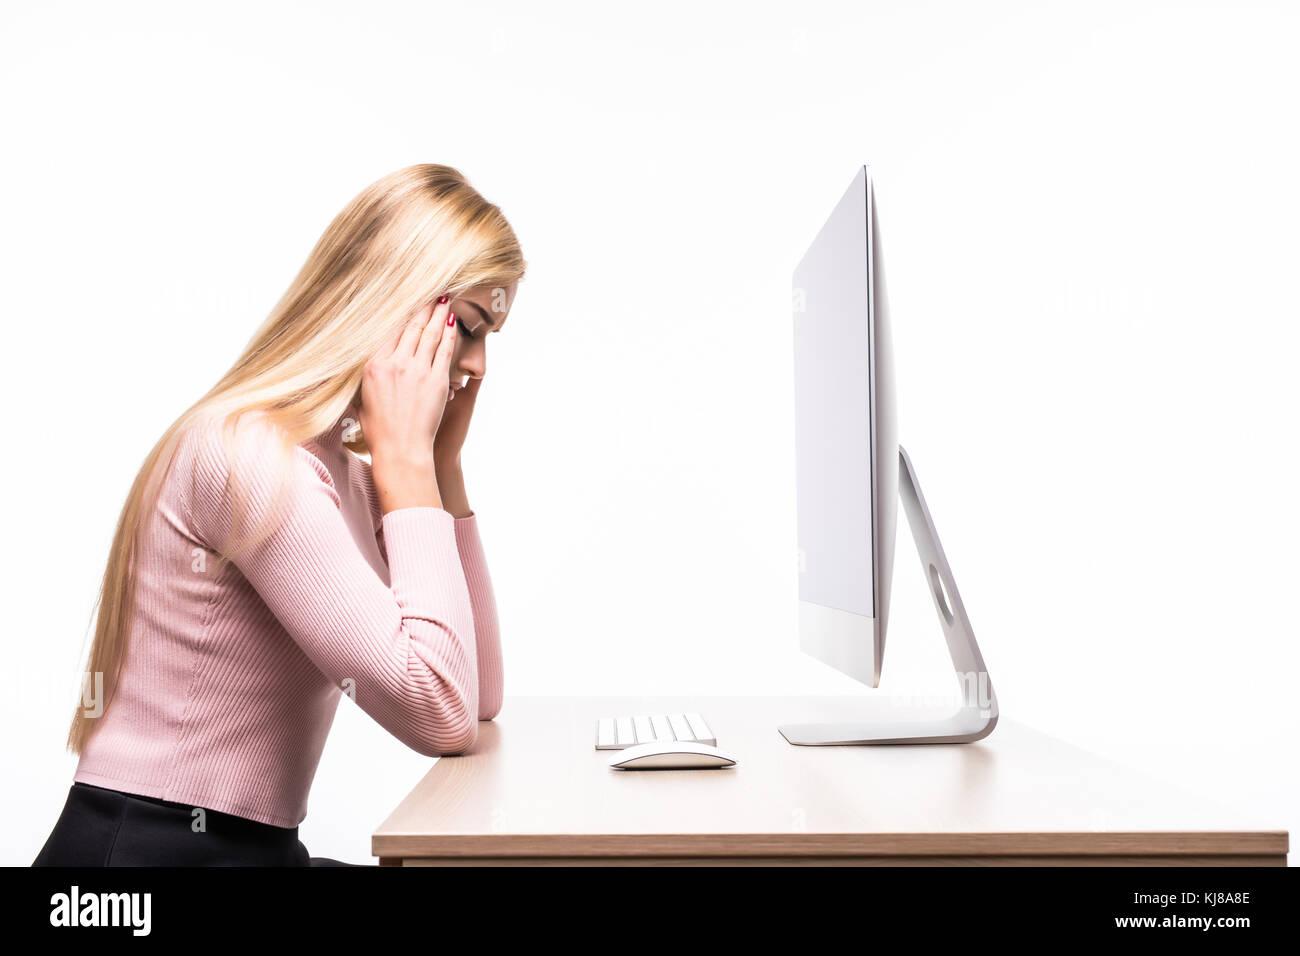 Scrivania Ufficio Professionale : Giovane donna professionale ha sottolineato stanco e con mal di